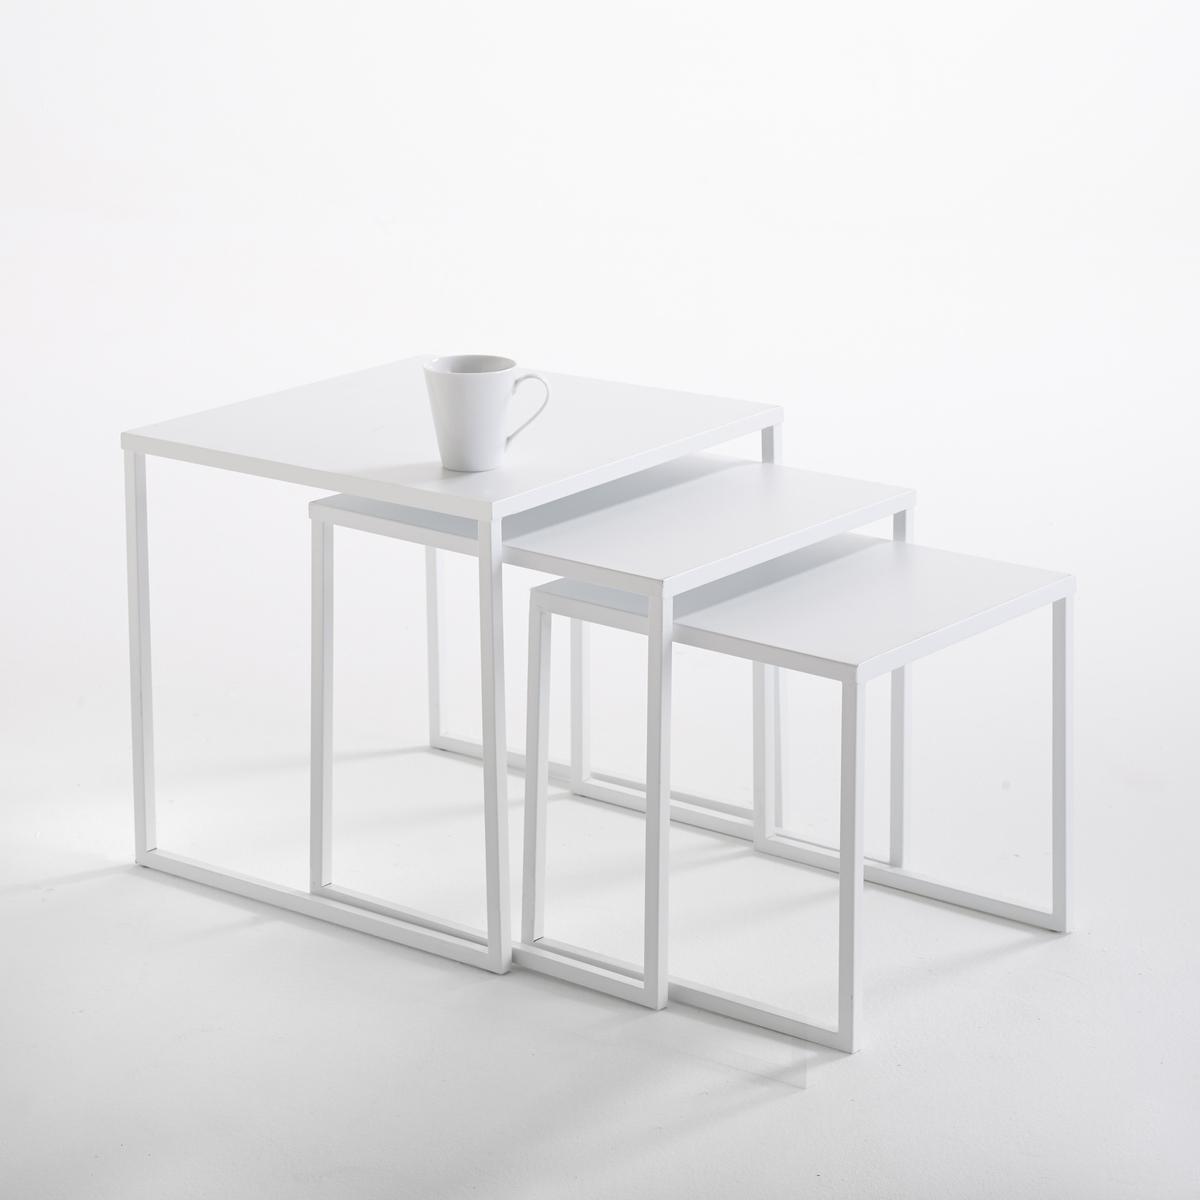 Комплект из 3 журнальных столиков Hiba, вдвигающихся один в другой, из стали3 столика Hiba, вдвигающихся один в другой, из лакированной стали. Очень модный промышленный стиль, небольшие практичные журнальные столики можно использовать все вместе или по отдельности. Описание 3 столиков Hiba, вдвигающихся один в другой, из лакированной стали :3 столика разных размеровХарактеристики 3 столиков Hiba, вдвигающихся один в другой, из лакированной стали :Сталь, покрытая матовым эпоксидным лаком белого цветаДругие предметы мебели из коллекции Hiba вы можете найти на сайте laredoute.ruРазмеры 3 столиков Hiba, вдвигающихся один в другой, из лакированной стали :Большой столик Ширина : 45 смВысота : 45 смГлубина : 45 смСредний столикШирина : 40 смВысота : 40 смГлубина : 40 смМаленький столик Ширина : 35 см.Высота : 35 смГлубина : 35 смРазмеры и вес упаковки :1 упаковкаШ.51 x В.50 x Г.51 см10 кгДоставка: Продается в собранном виде. Возможна доставка до двери при предварительной договоренности!<br><br>Цвет: белый<br>Размер: единый размер